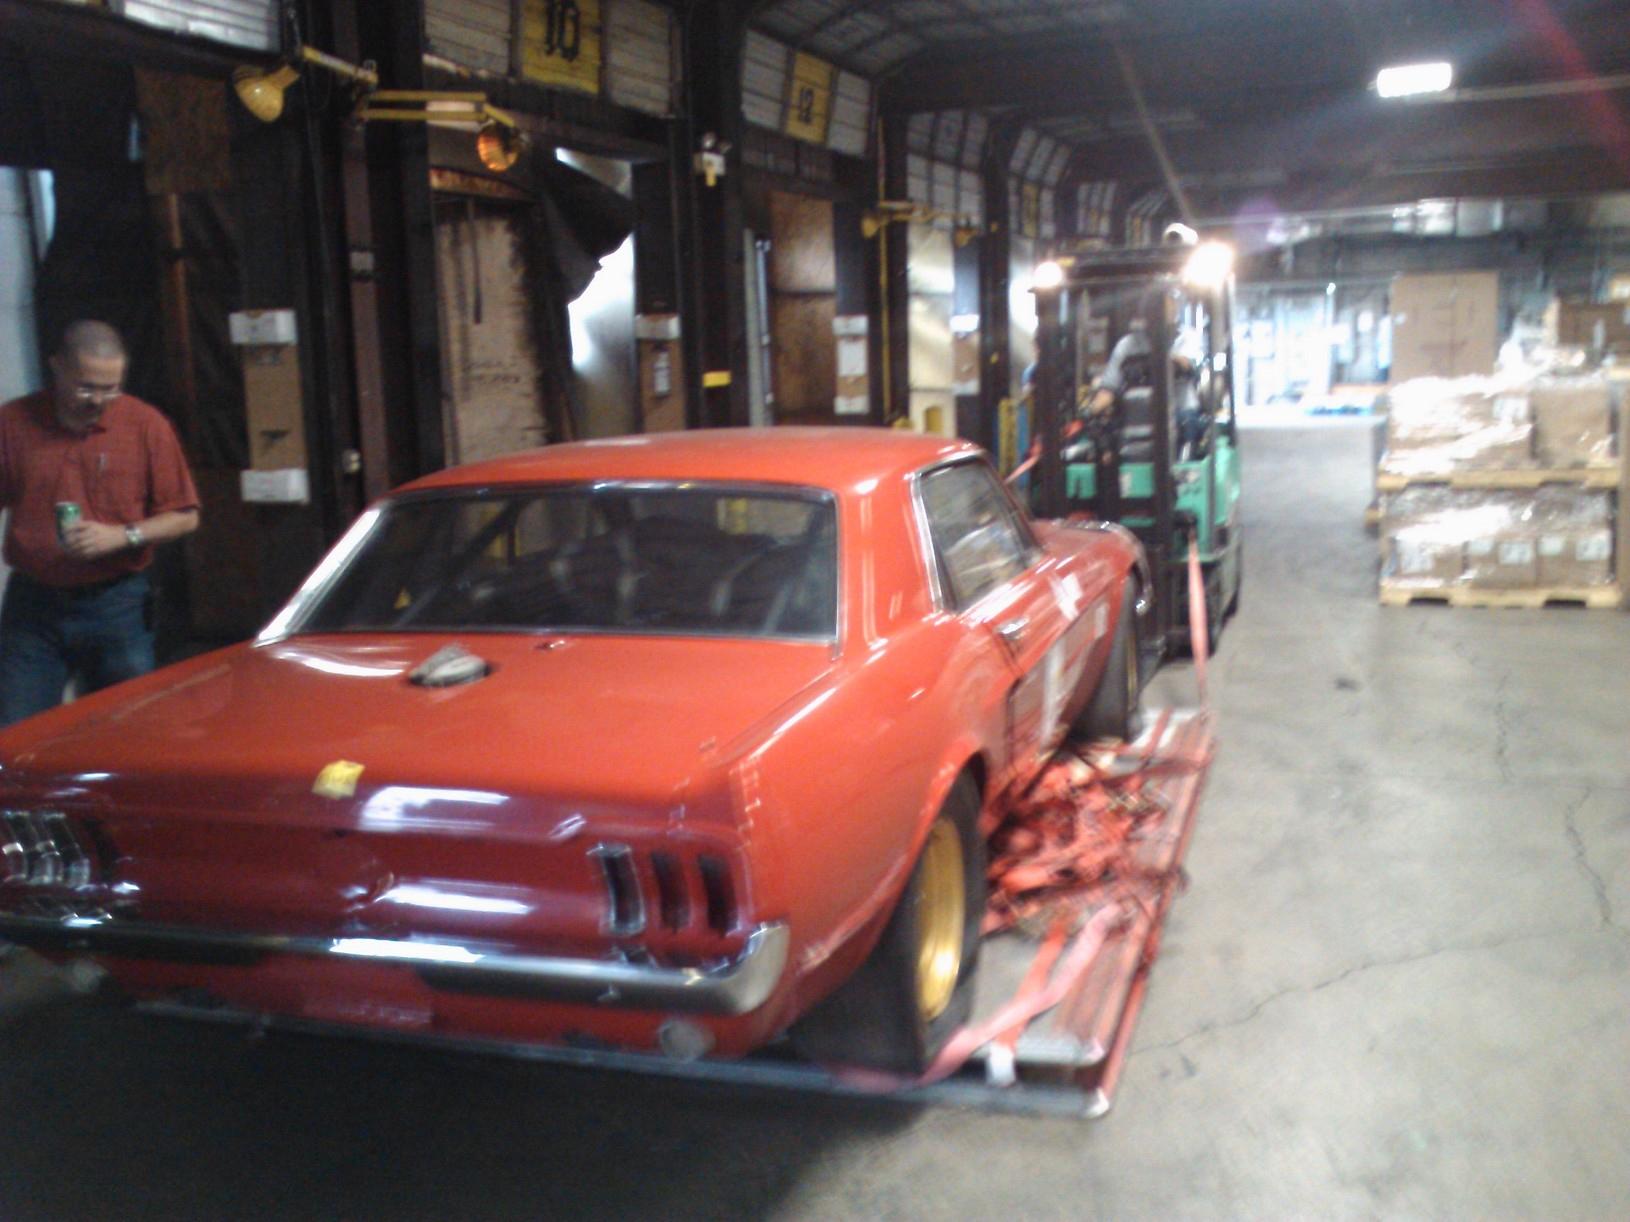 1967 Holman-Moody Mustang Batman loaded on pallet rear